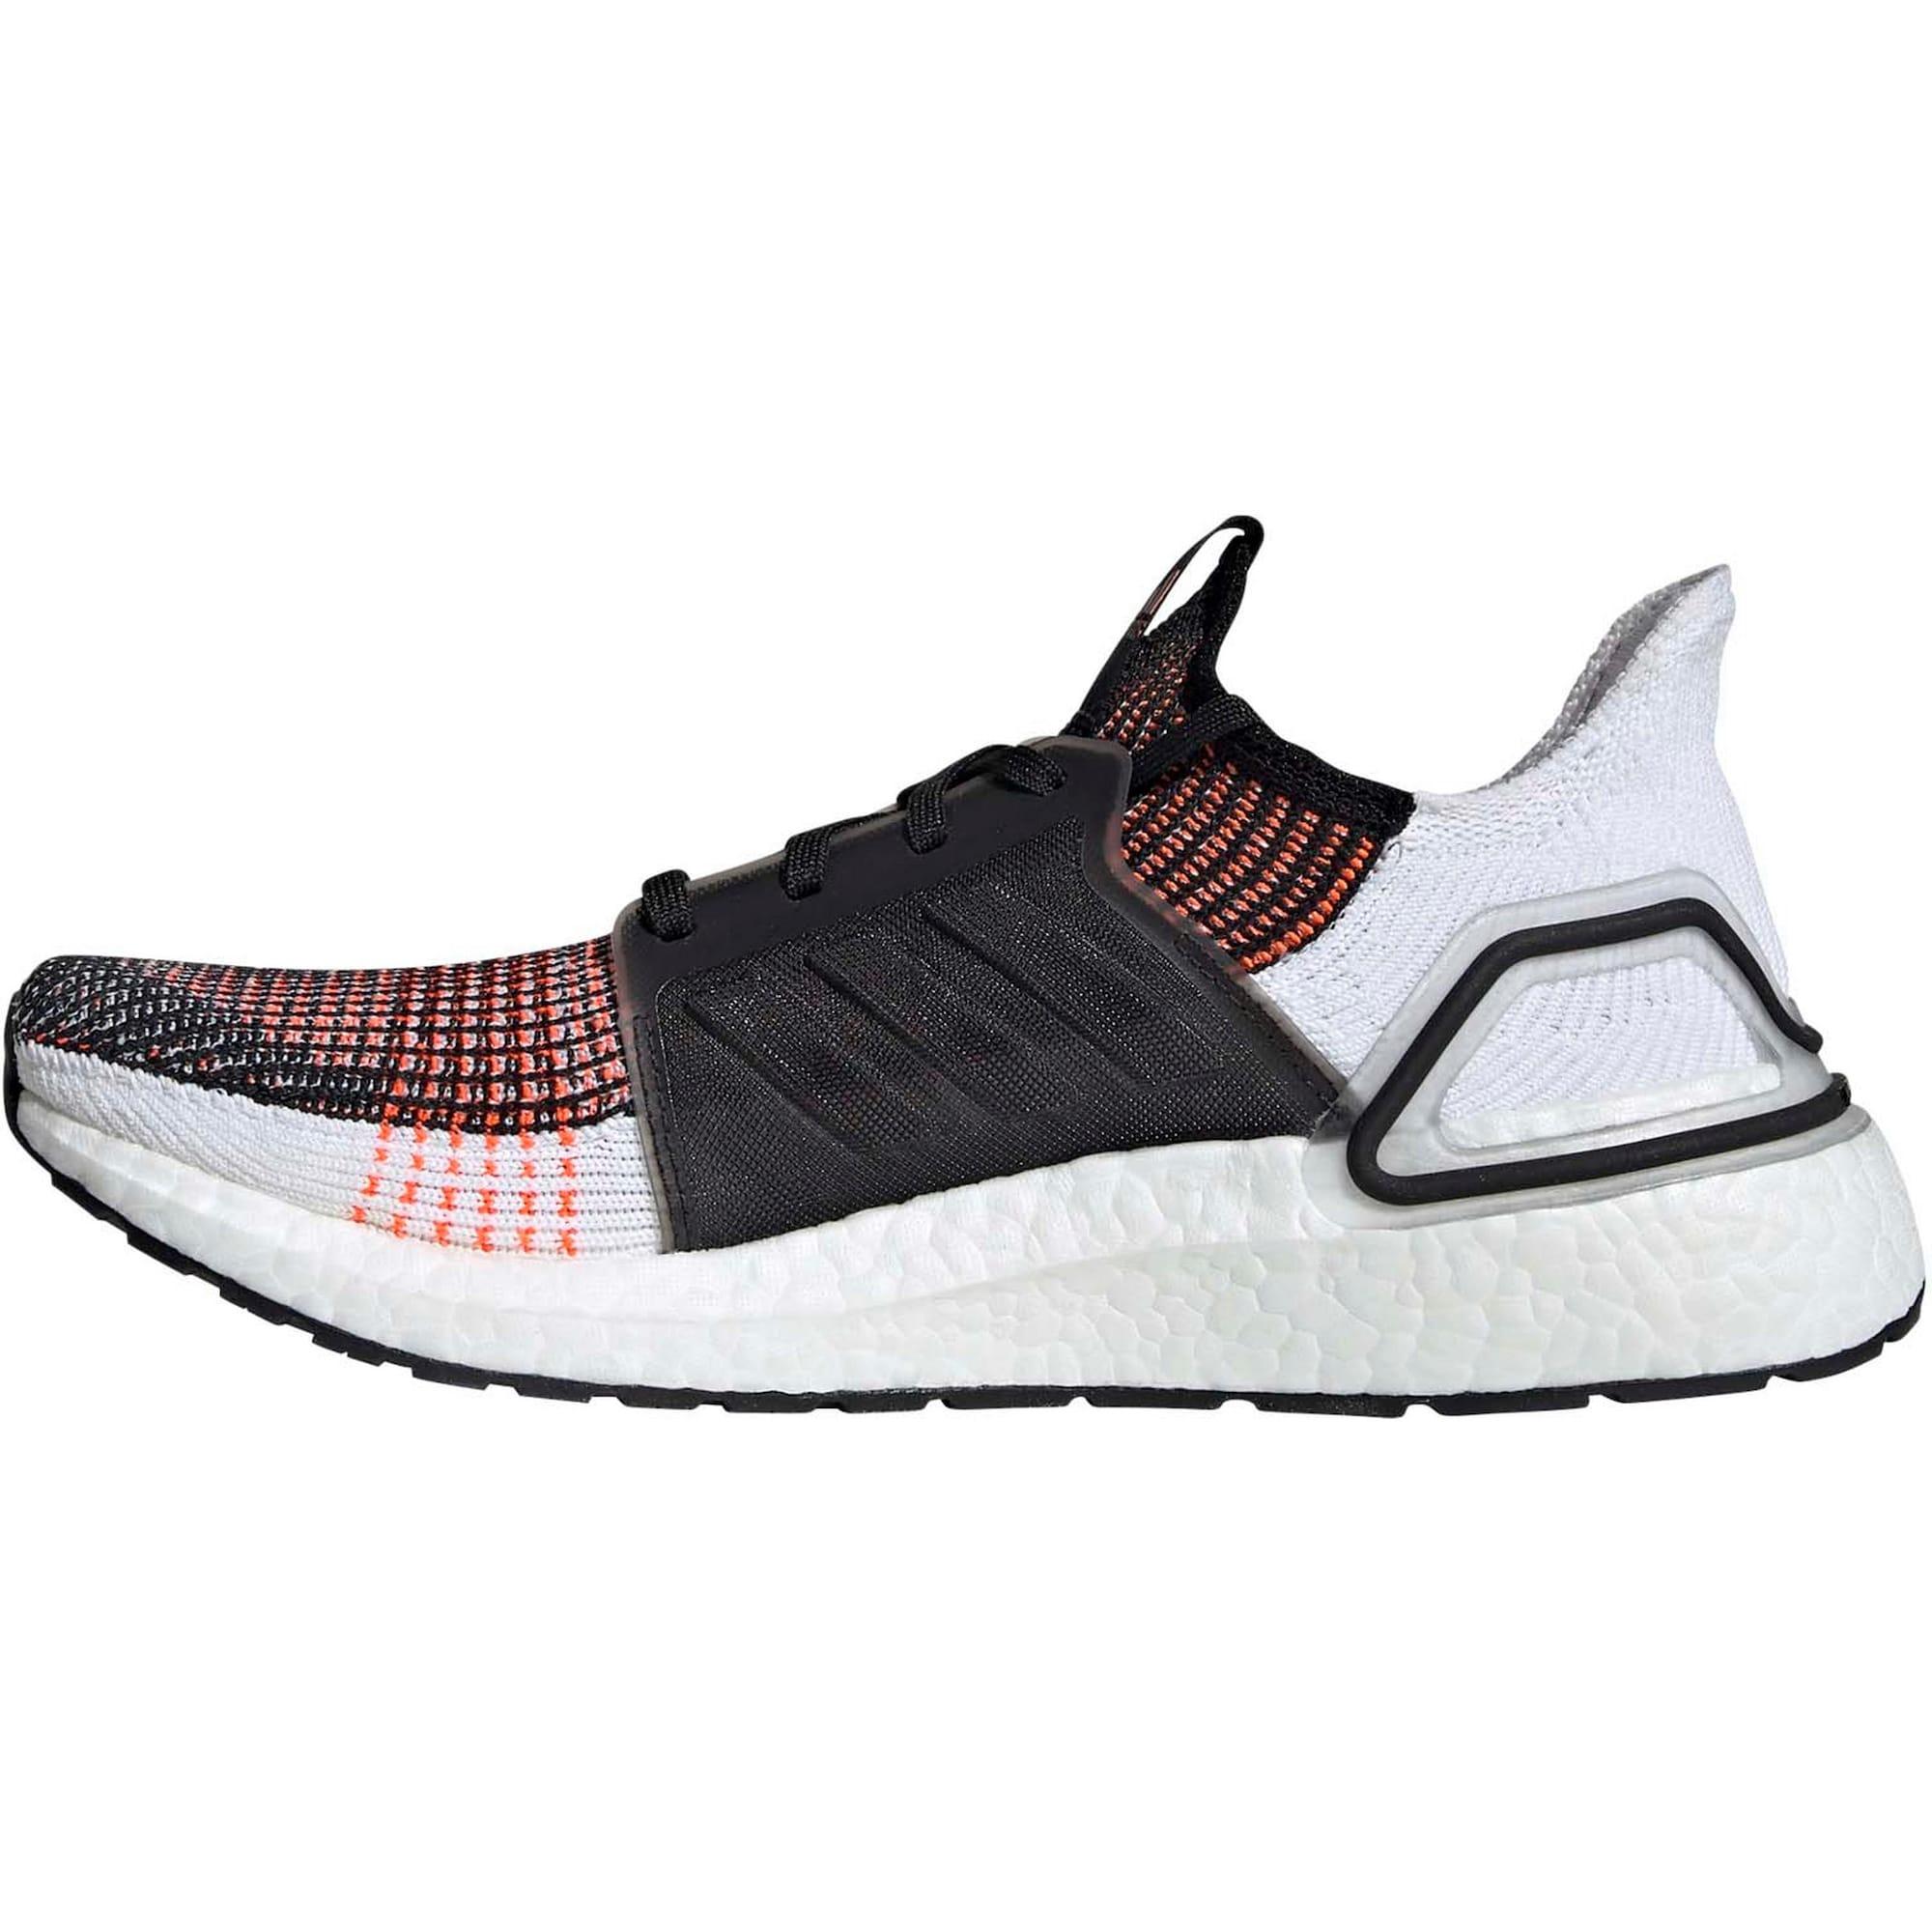 'UltraBOOST 19' Laufschuhe | Schuhe > Sportschuhe | ADIDAS PERFORMANCE